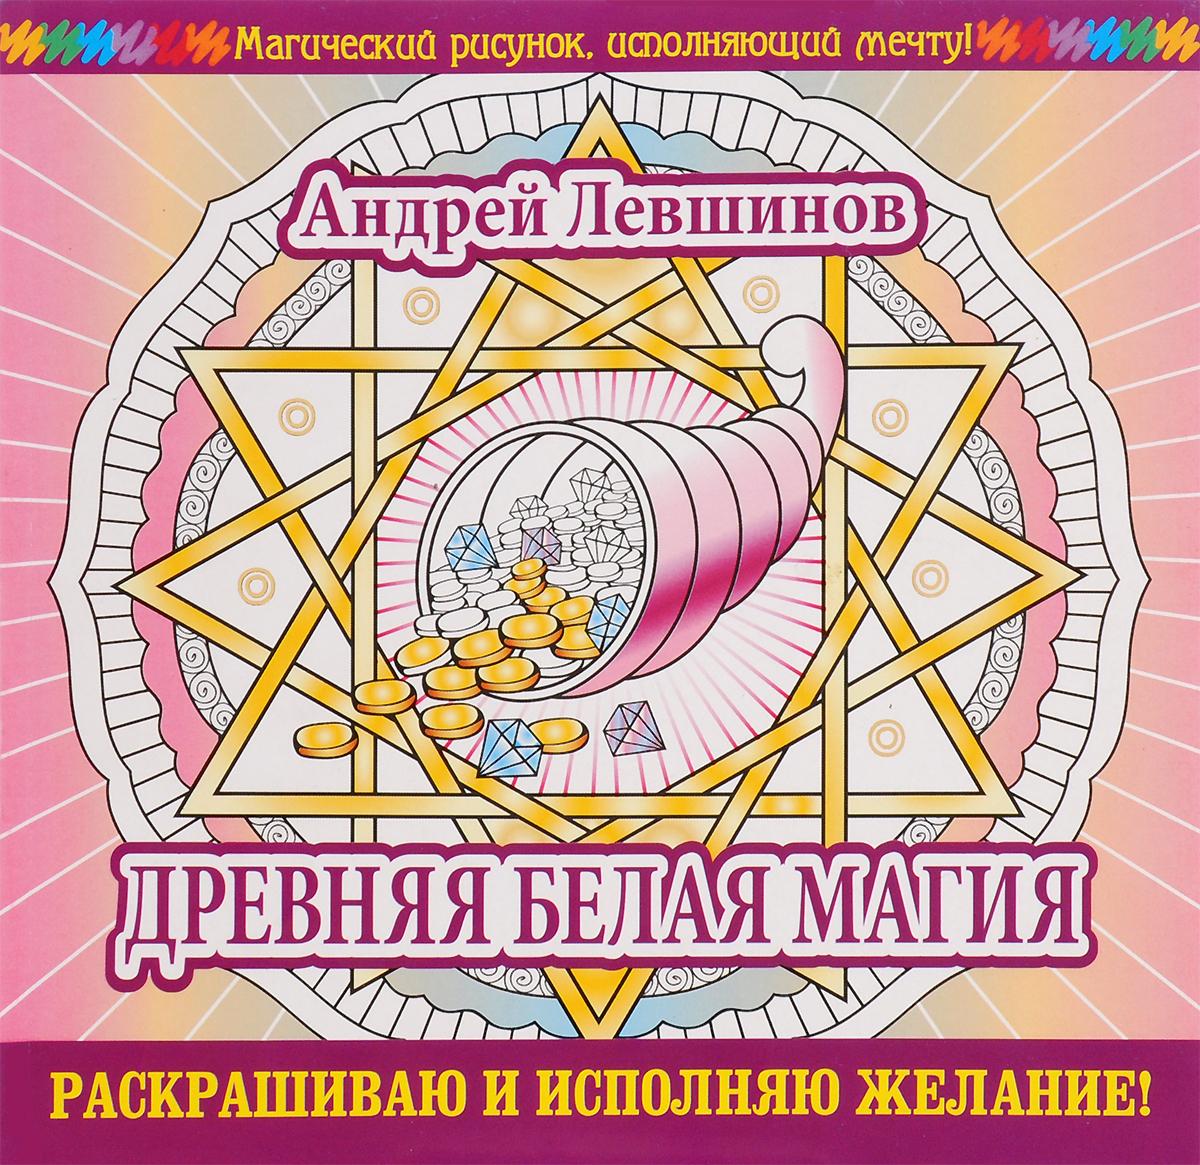 Андрей Левшинов Древняя белая магия. Раскрашиваю и исполняю желание!